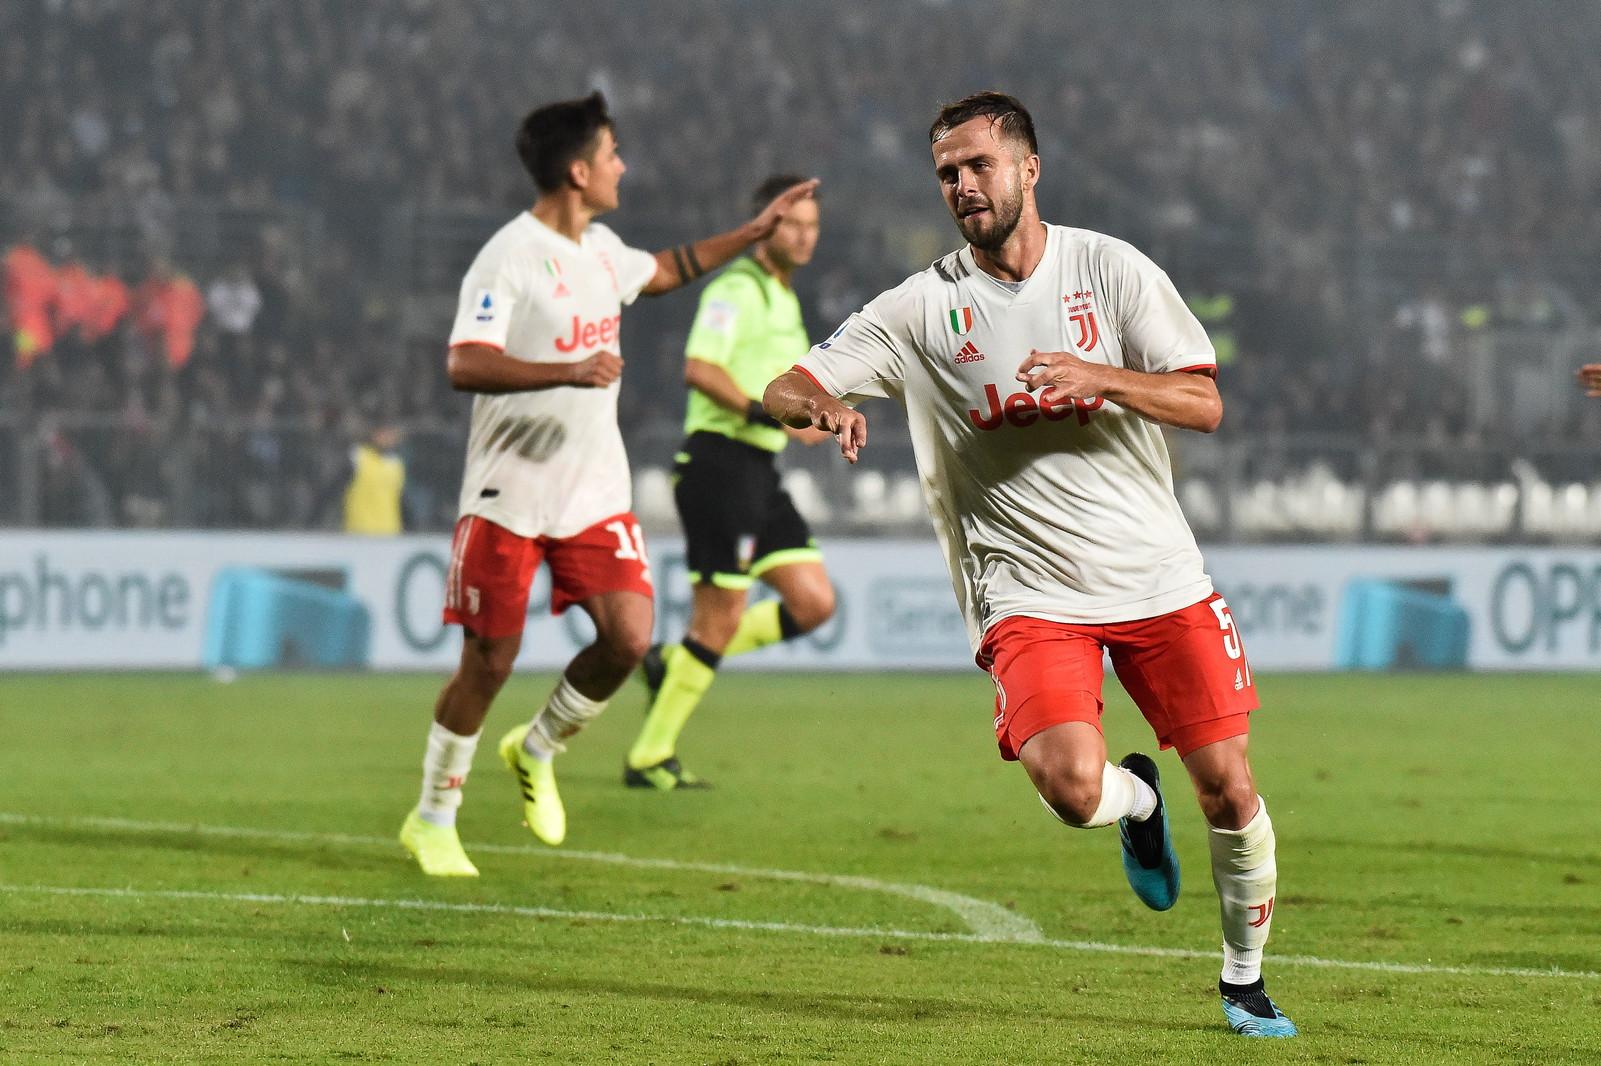 Nel secondo anticipo della quinta giornata di campionato, la Juventus vince in rimonta in casa del Brescia e sale momentaneamente in vetta alla classi...